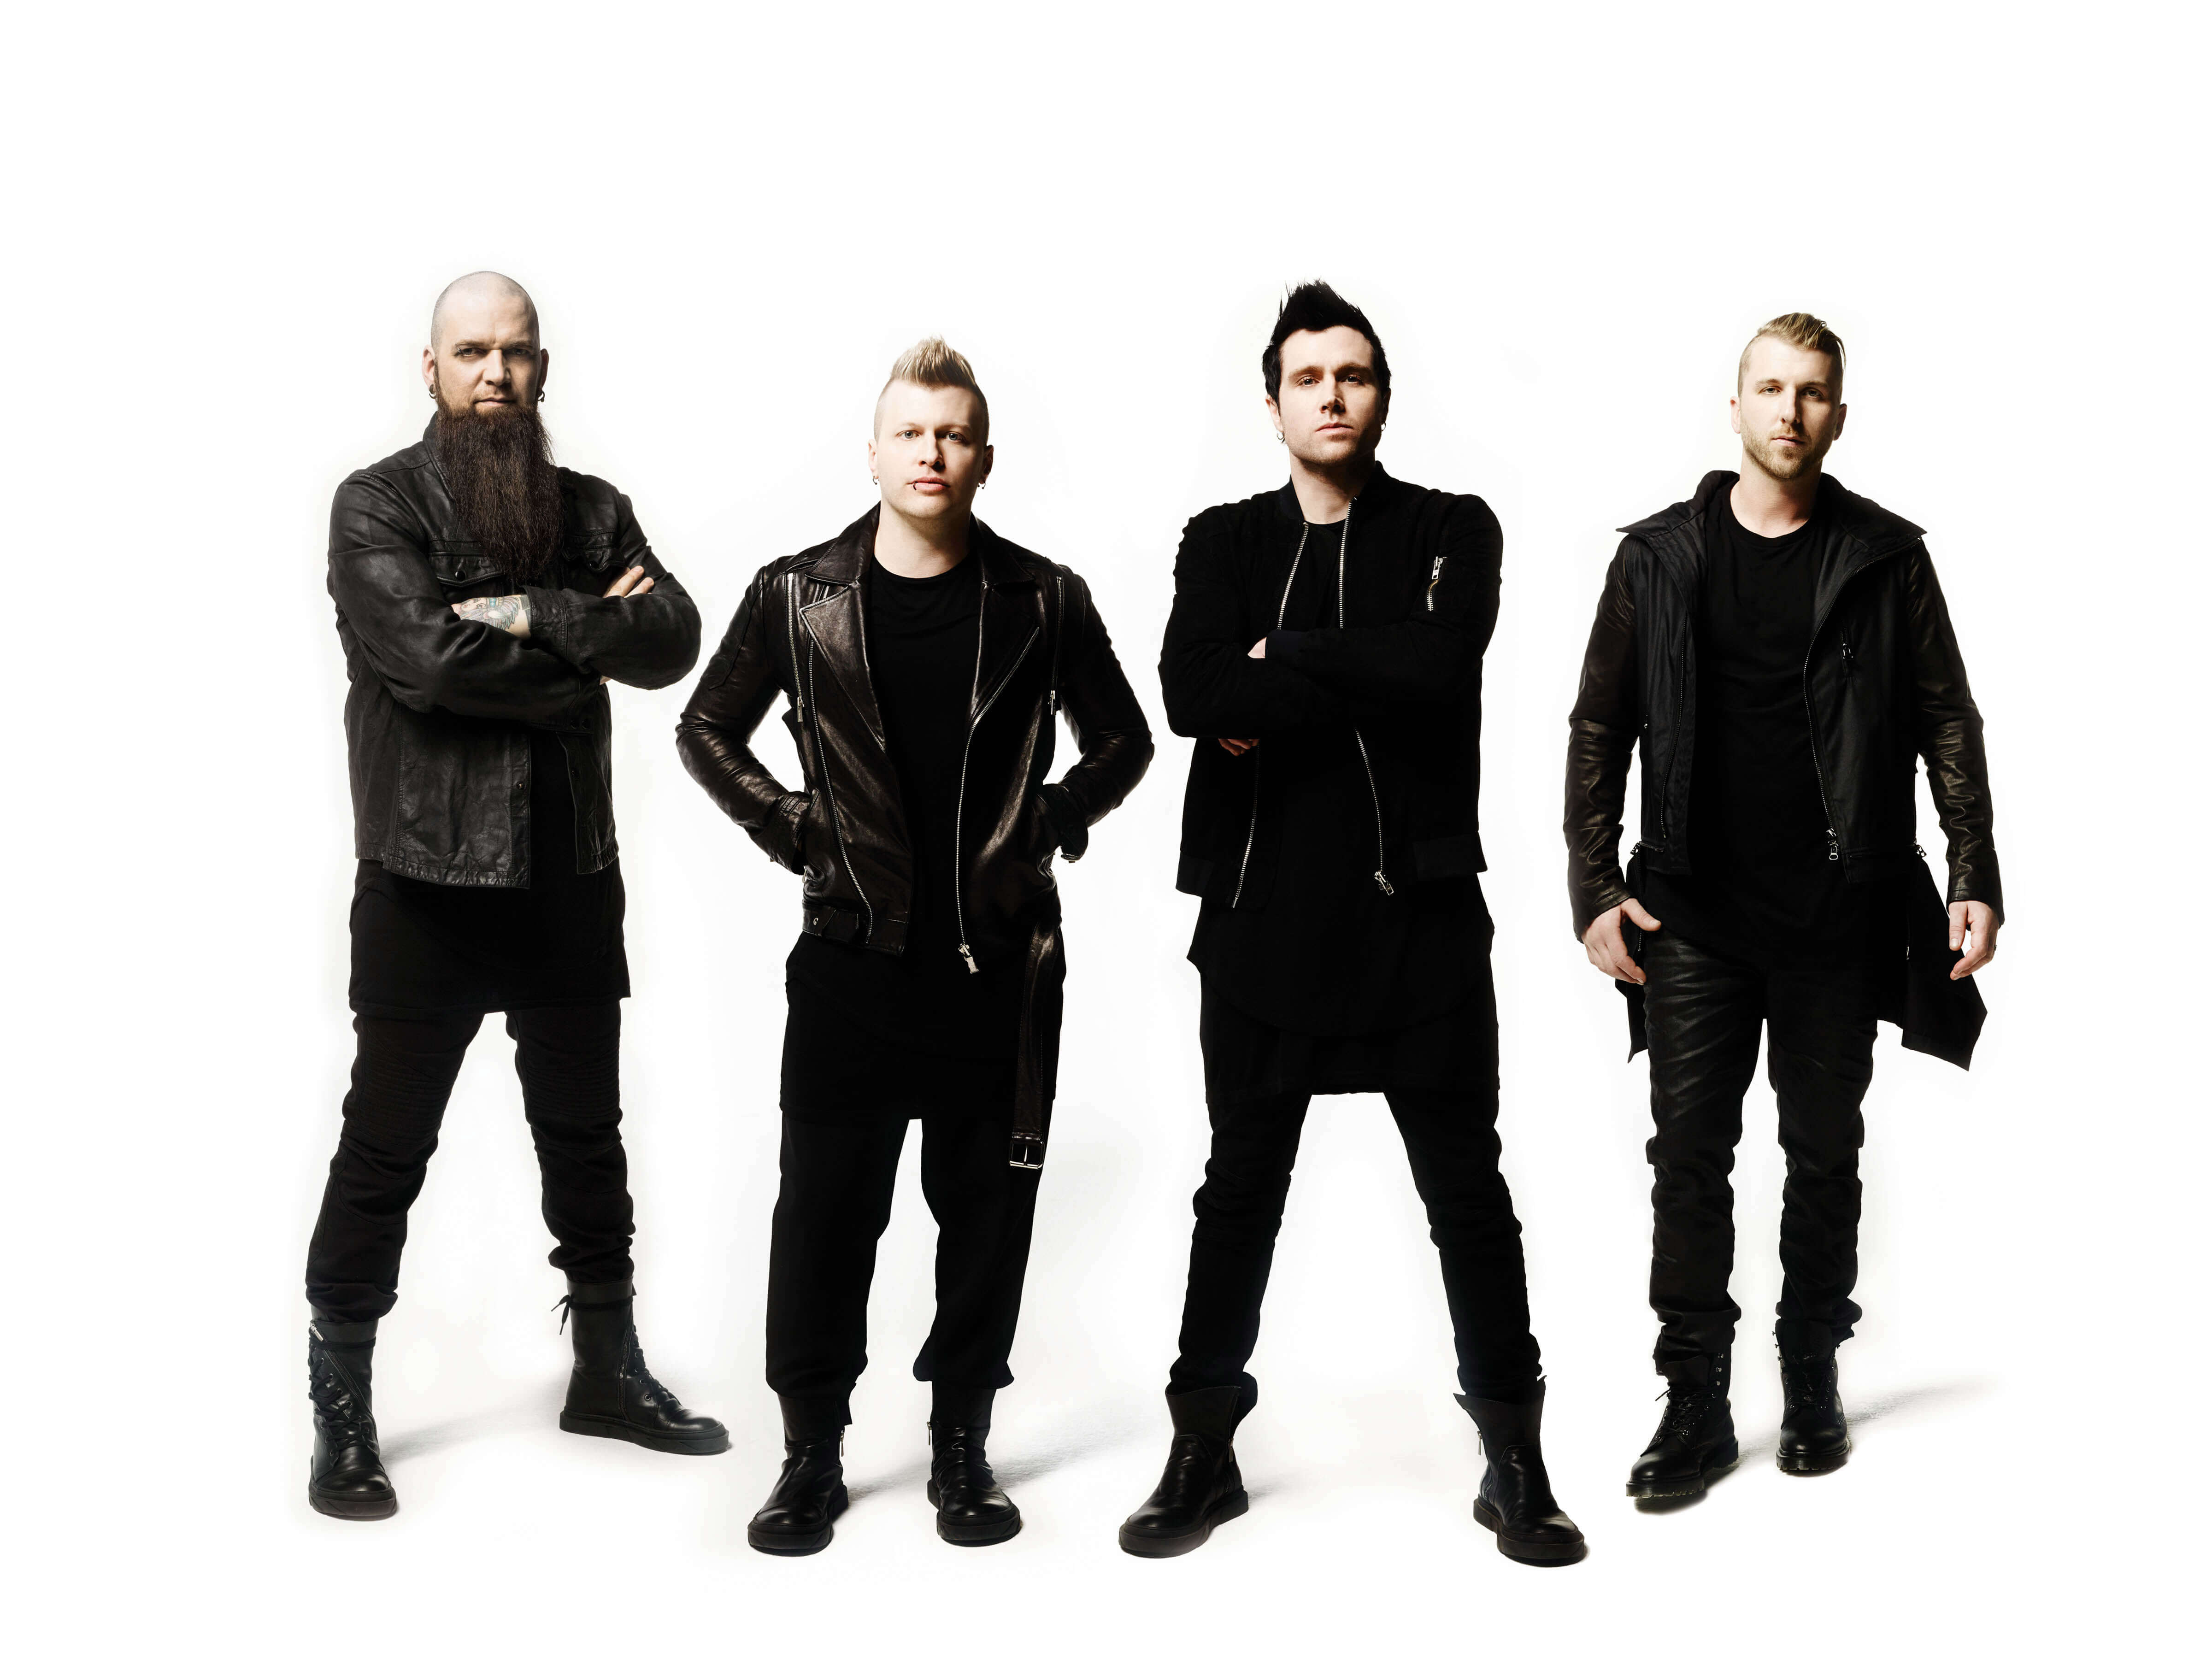 Группа Three Days Grace, концерт в октябре 2018 года в Минске